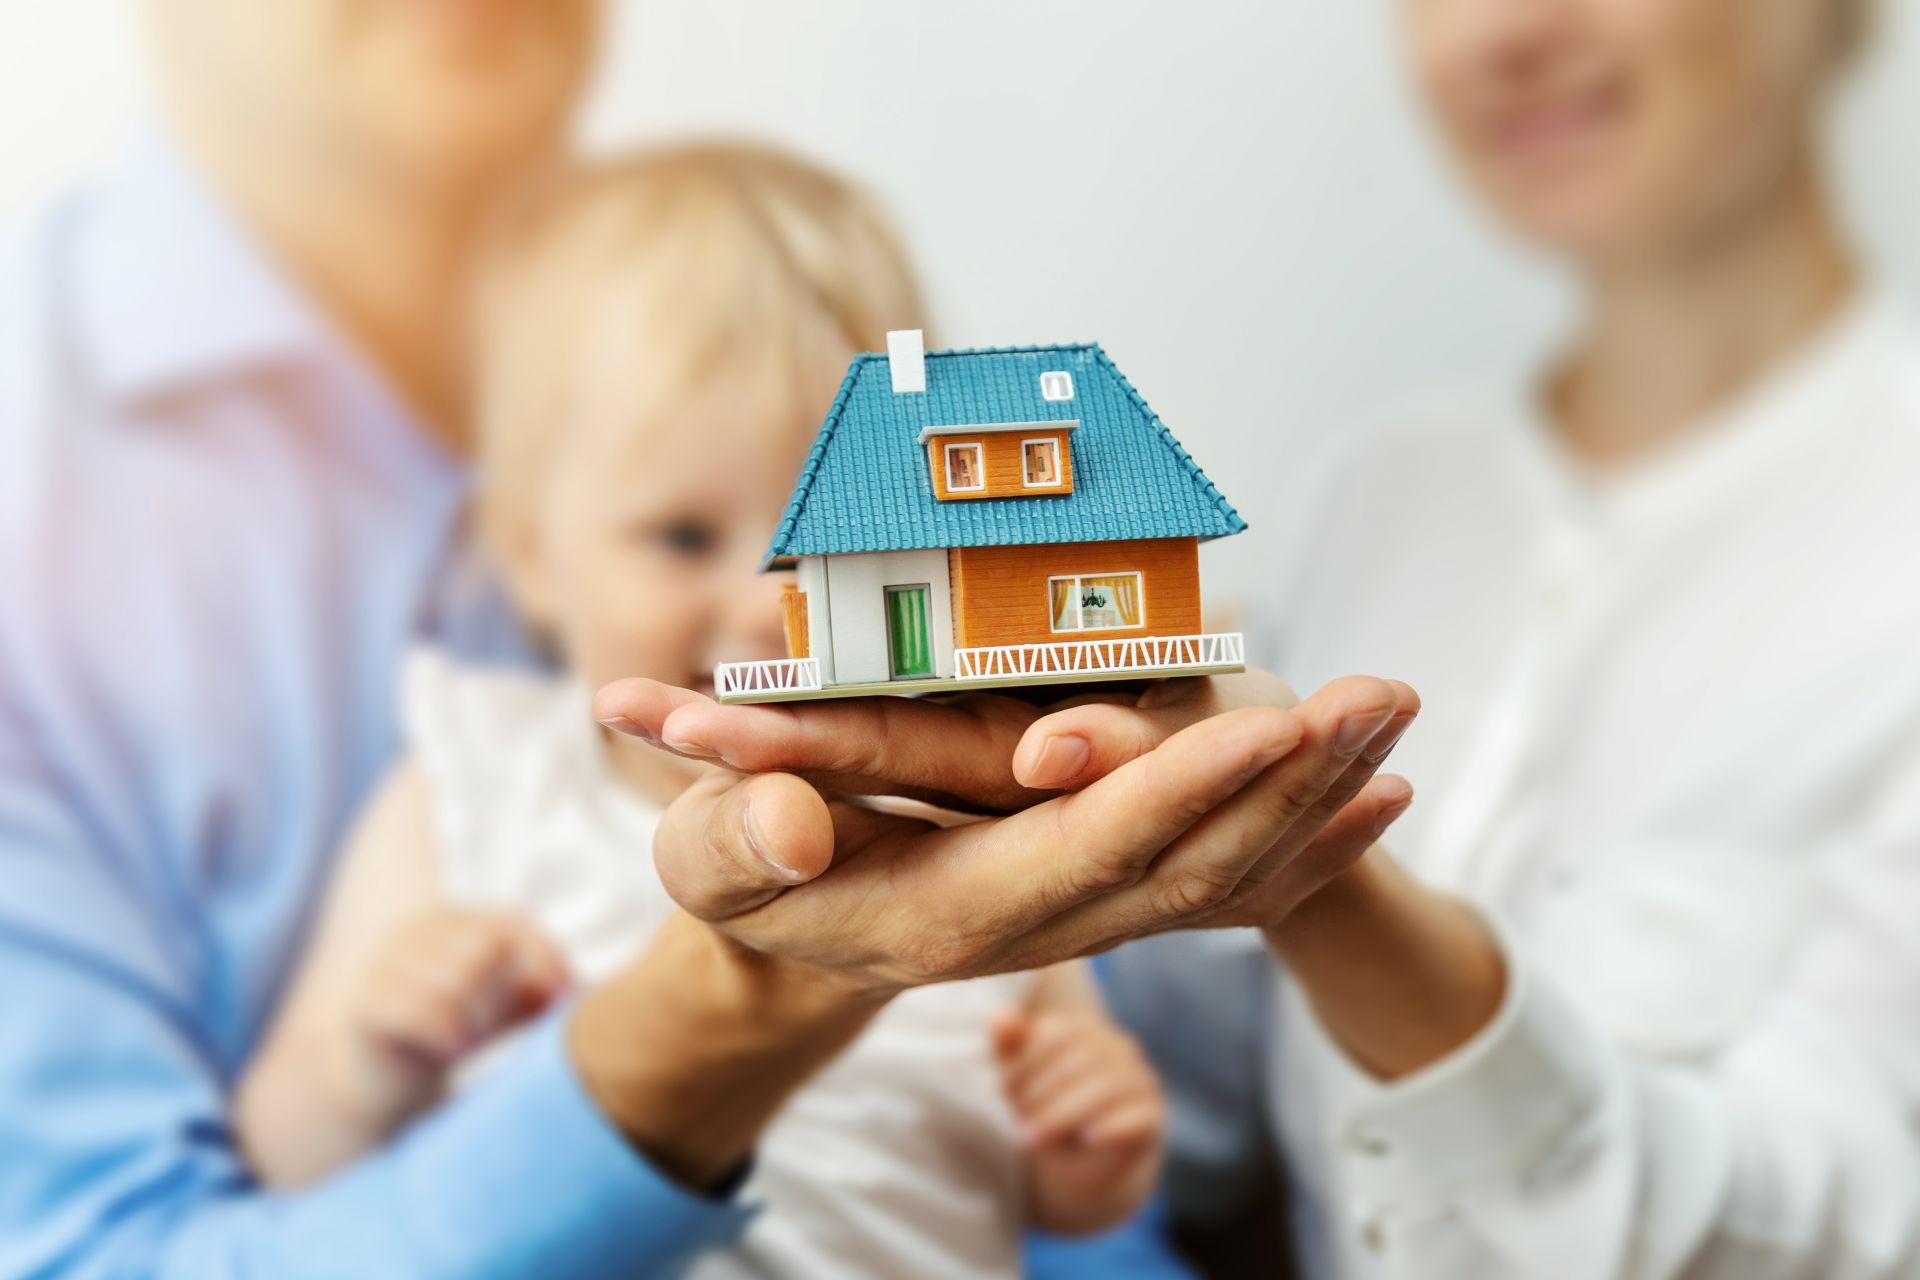 неотъемлемое улучшение жилищных условий